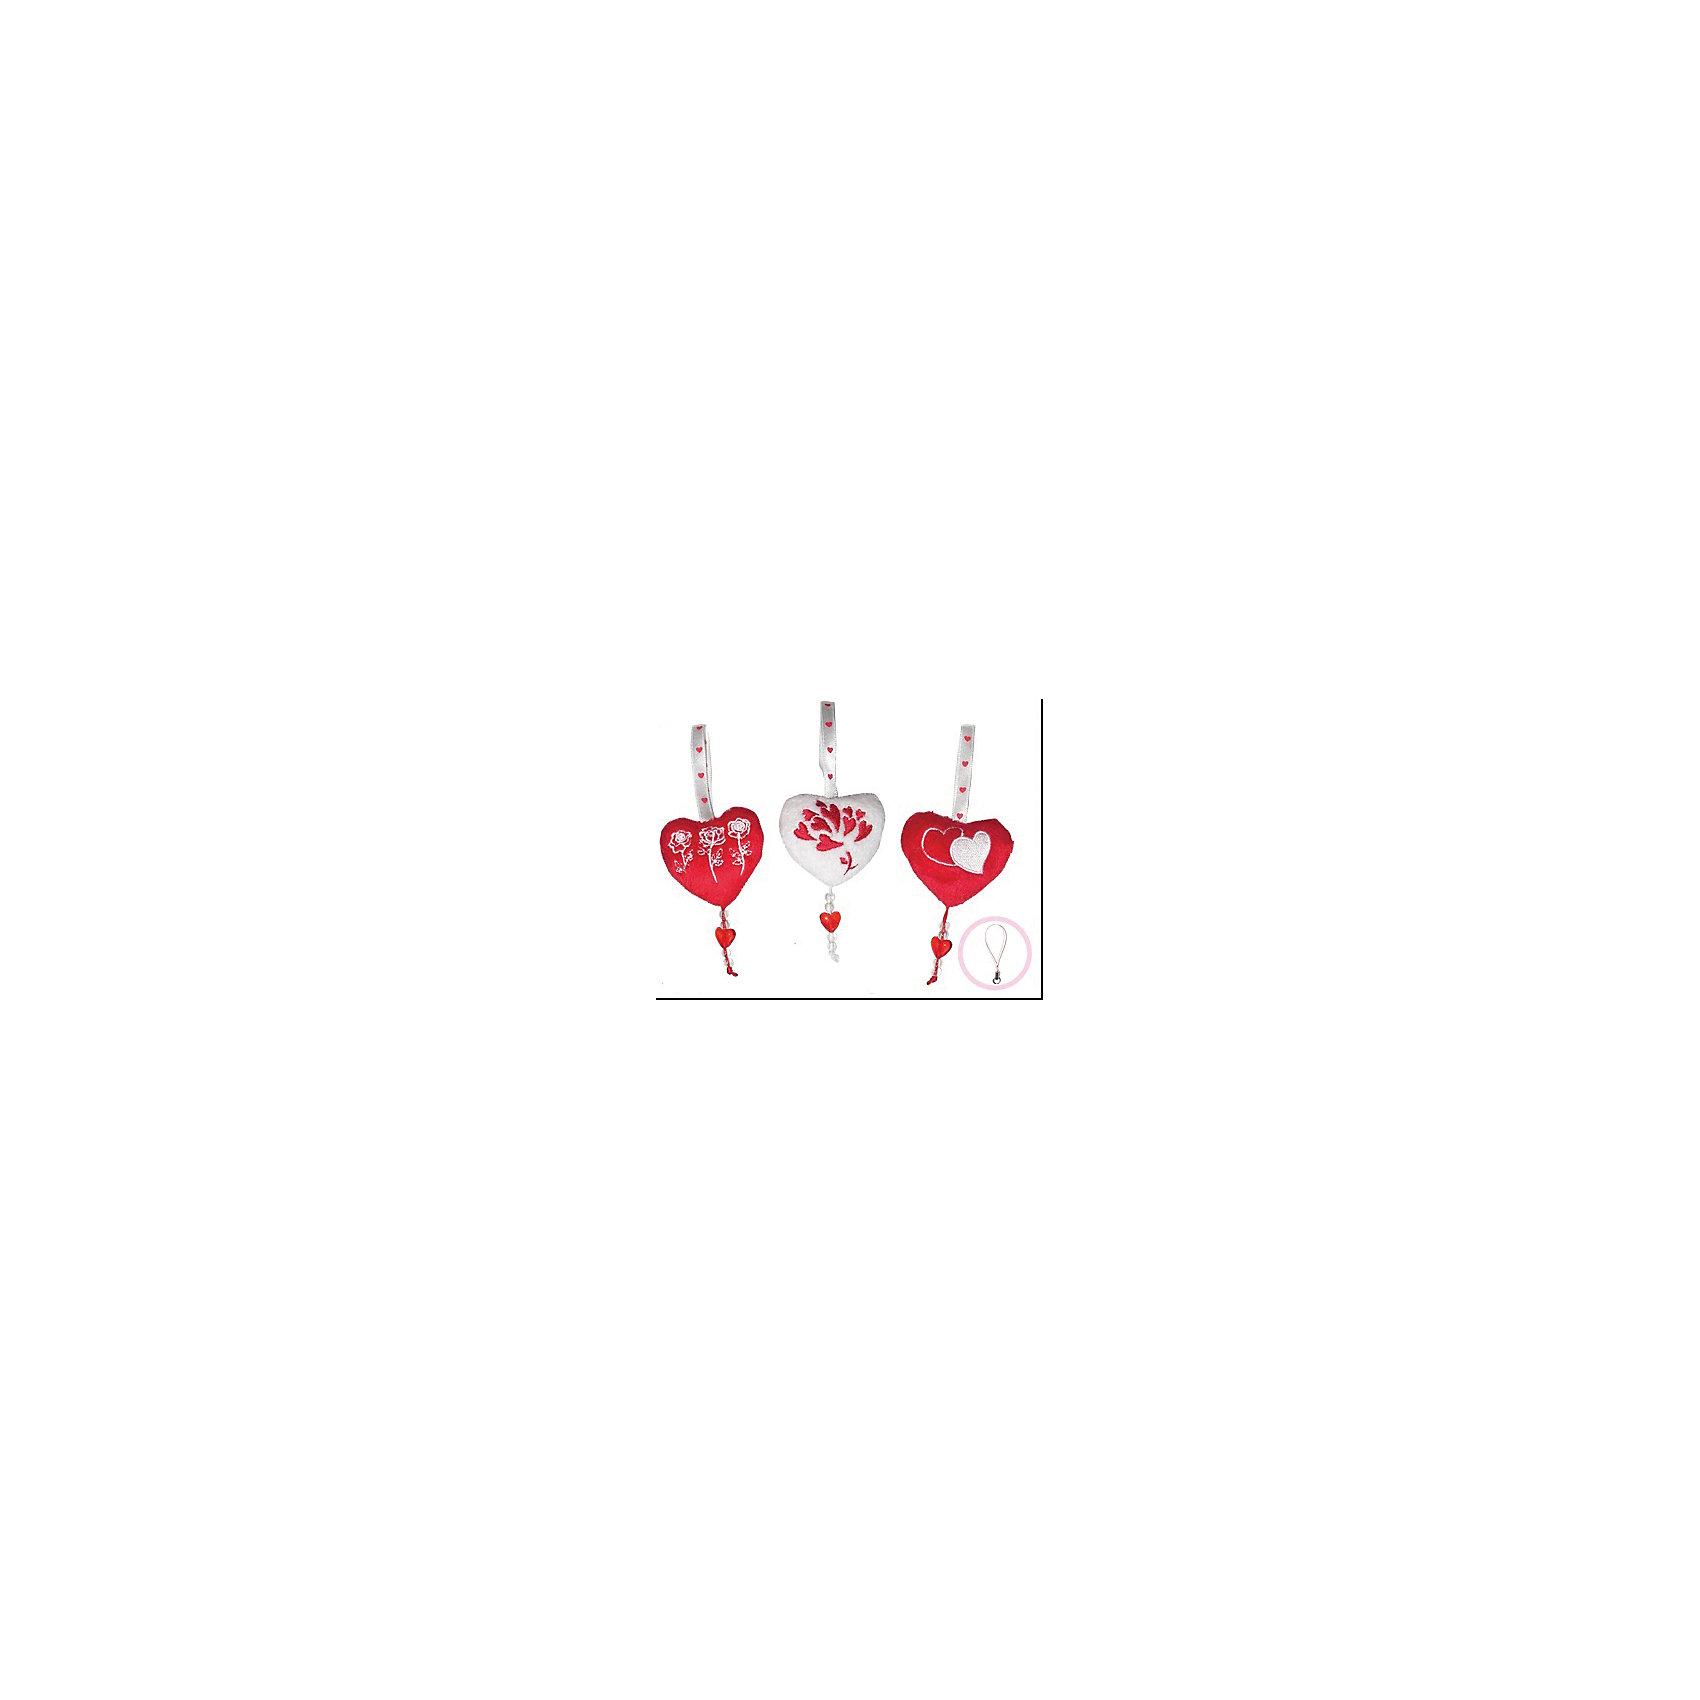 Сувенир Сердечко в вышивкой, в ассортиментеСувенир Сердце с вышивкой станет приятным и романтичным подарком на день всех влюбленных или еще одним поводом порадовать близкого человека. Мягконабивная игрушка выполнена в виде красного или белого сердечка с нарядной вышивкой, имеется шнурок для подвешивания. Дизайн в ассортименте.<br><br>Дополнительная информация:<br><br>- Материал: текстиль.<br>- Размер сувенира: 5 х 6 х 1,5 см.<br><br>Сувенир Сердце с вышивкой, в ассортименте, Премьер-игрушка, можно купить в нашем интернет-магазине.<br><br>ВНИМАНИЕ! Данный артикул имеется в наличии в разных вариантах исполнения. Заранее выбрать определенный вариант нельзя. При заказе нескольких сердечек возможно получение одинаковых.<br><br>Ширина мм: 60<br>Глубина мм: 15<br>Высота мм: 50<br>Вес г: 4<br>Возраст от месяцев: 36<br>Возраст до месяцев: 2147483647<br>Пол: Унисекс<br>Возраст: Детский<br>SKU: 4512287